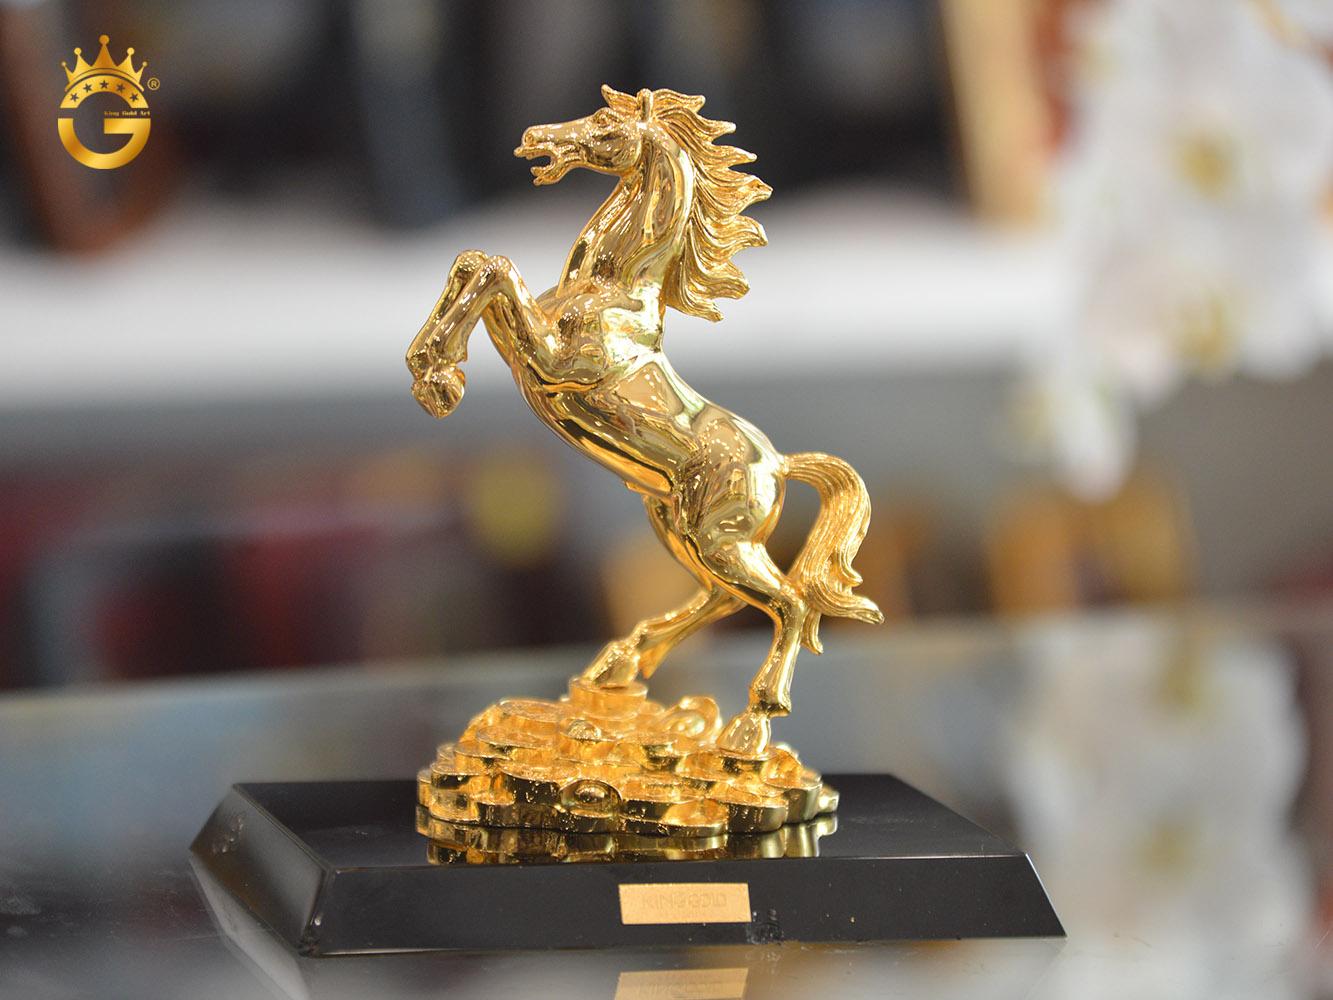 Tượng Linh Vật Phong Thủy Mạ Vàng Đẹp Tinh Xảo